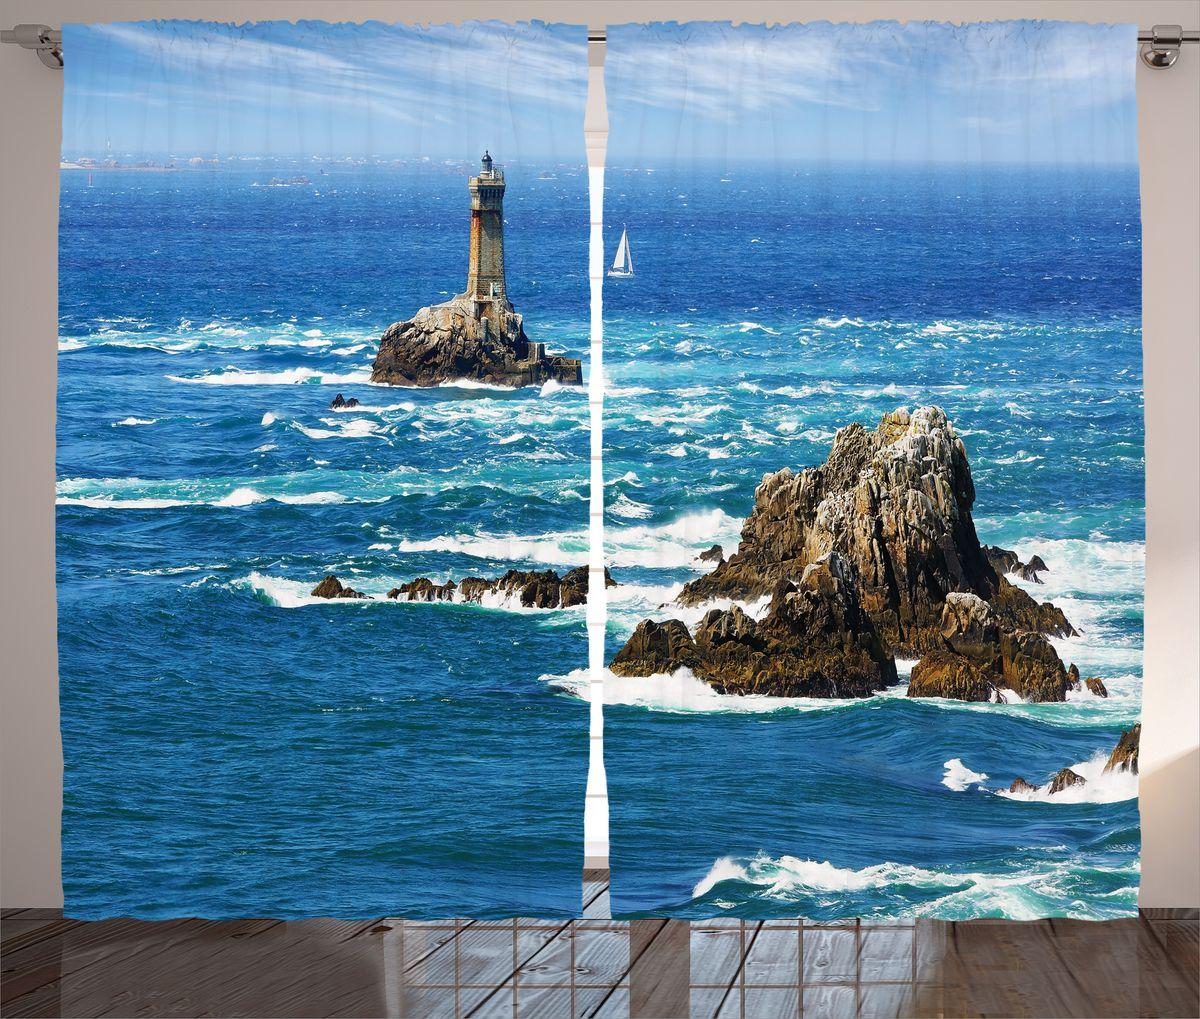 Комплект фотоштор Magic Lady Маяк на острове, на ленте, высота 265 см. шсг_16340 фотошторы magic lady комплект фотоштор для гостиной зелёные острова полиэстер плотностью 175 г кв м 290 265 см